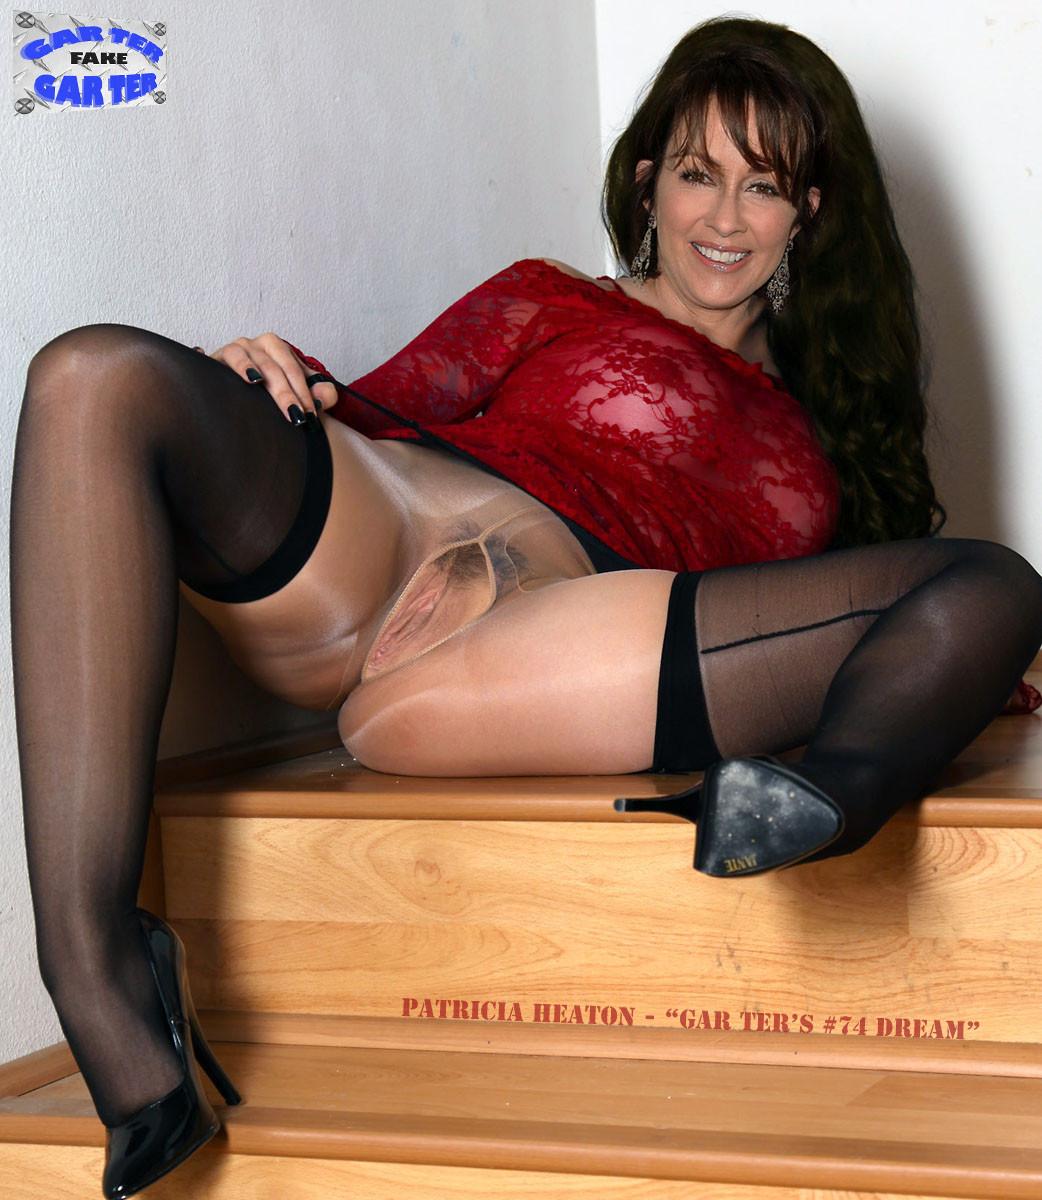 Patricia Porno Star patricia heaton sexy pictures - megapornx